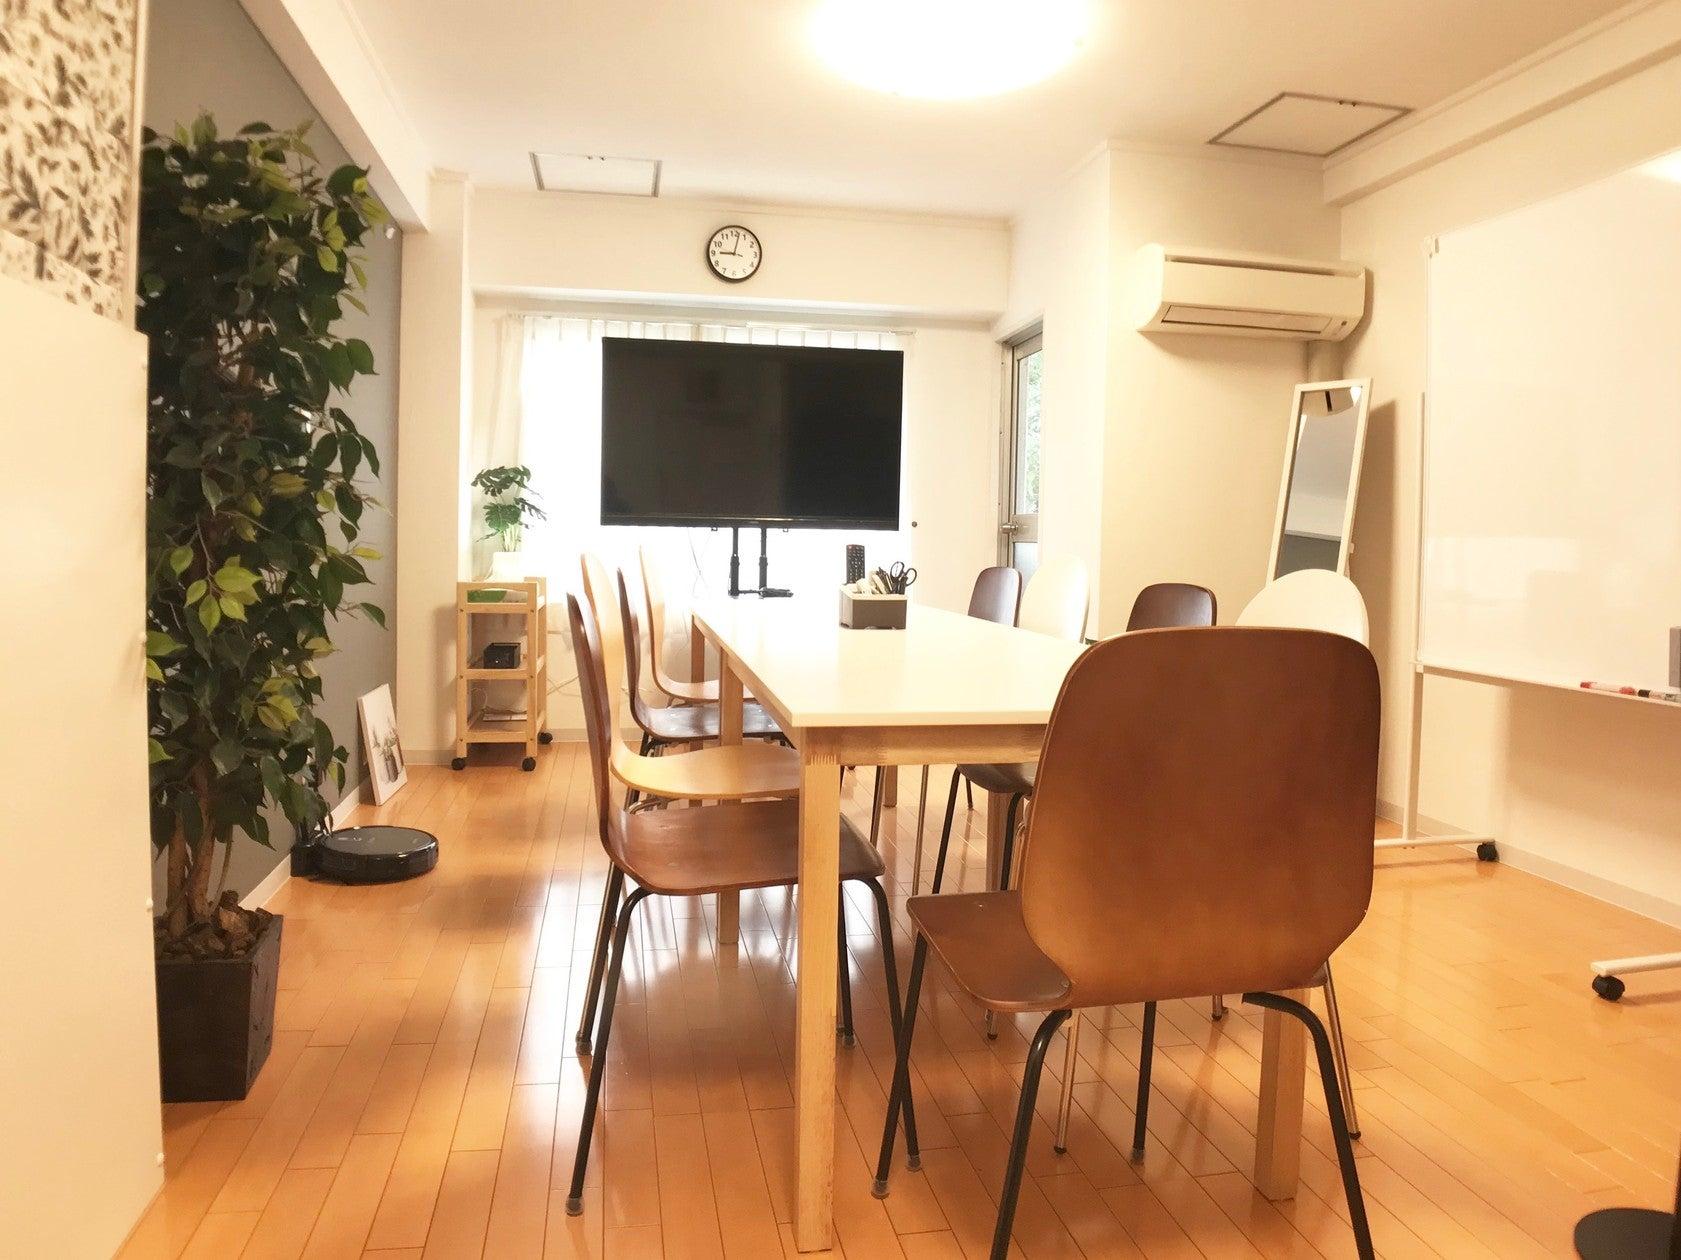 【東陽町駅徒歩2分】大型TV・無料Wi-Fiを設置!お洒落で機能的な会議スペース「楽らく会議室 東陽町」